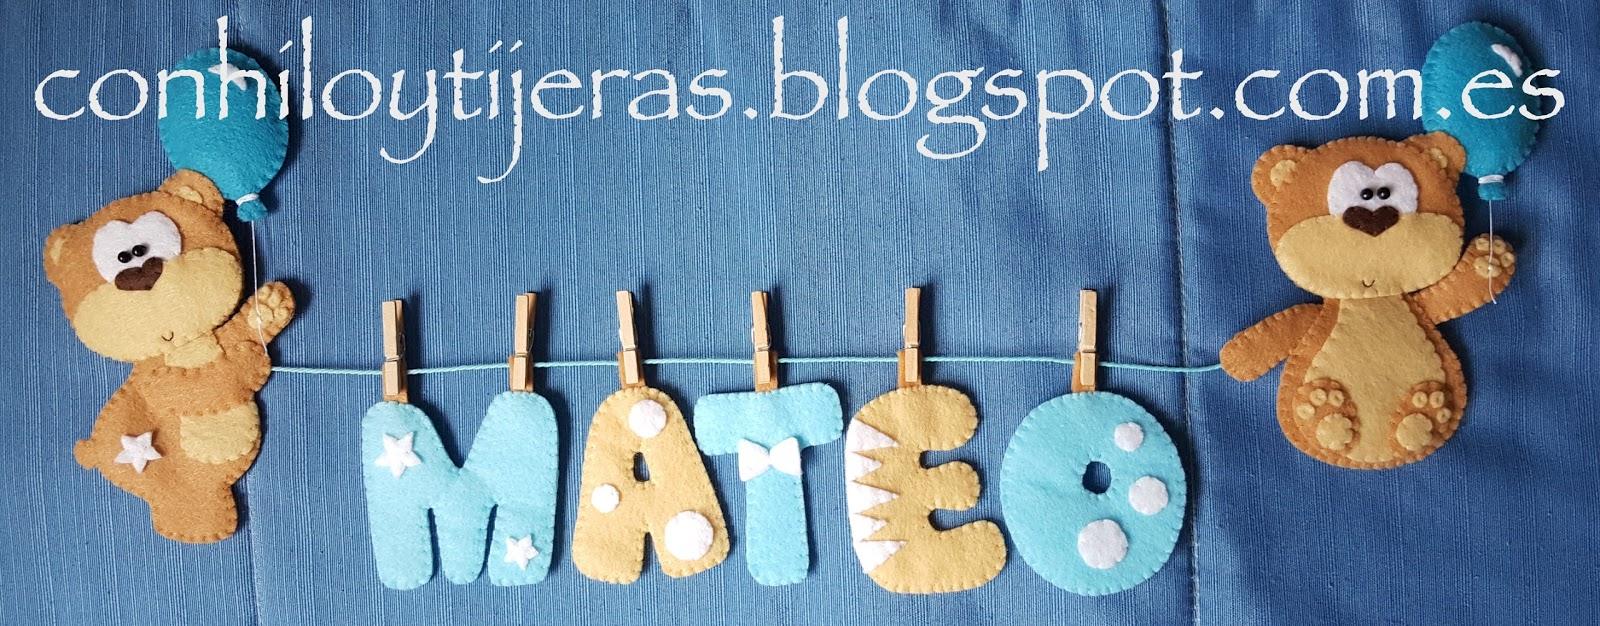 f8cc6a49b Con hilo y tijeras  Bienvenido Mateo!